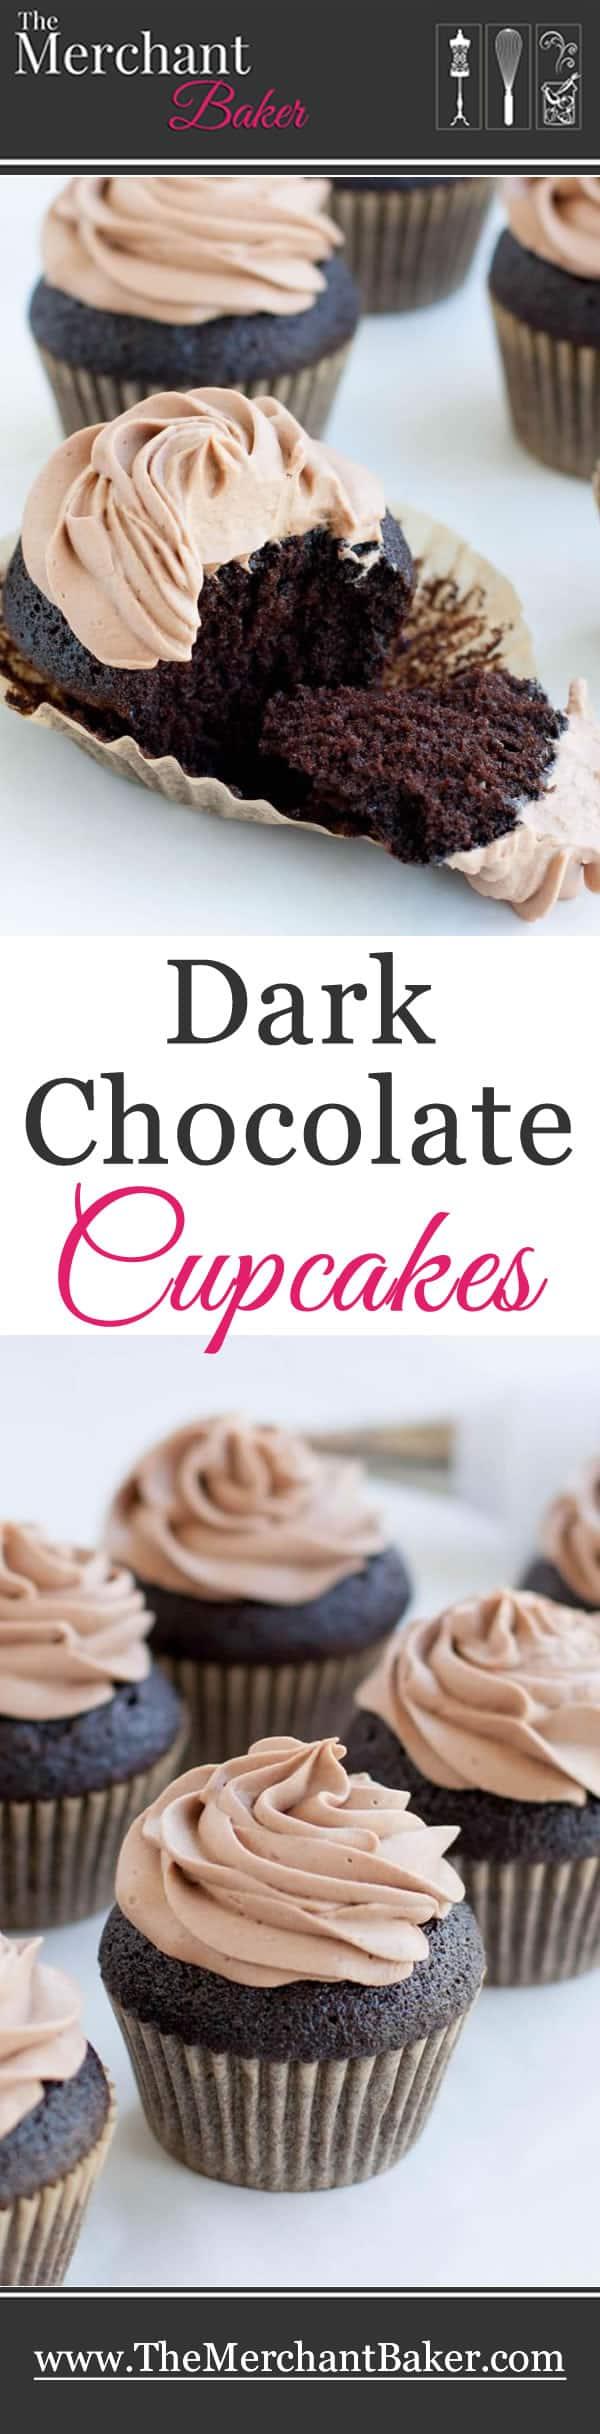 Dark Chocolate Cupcakes